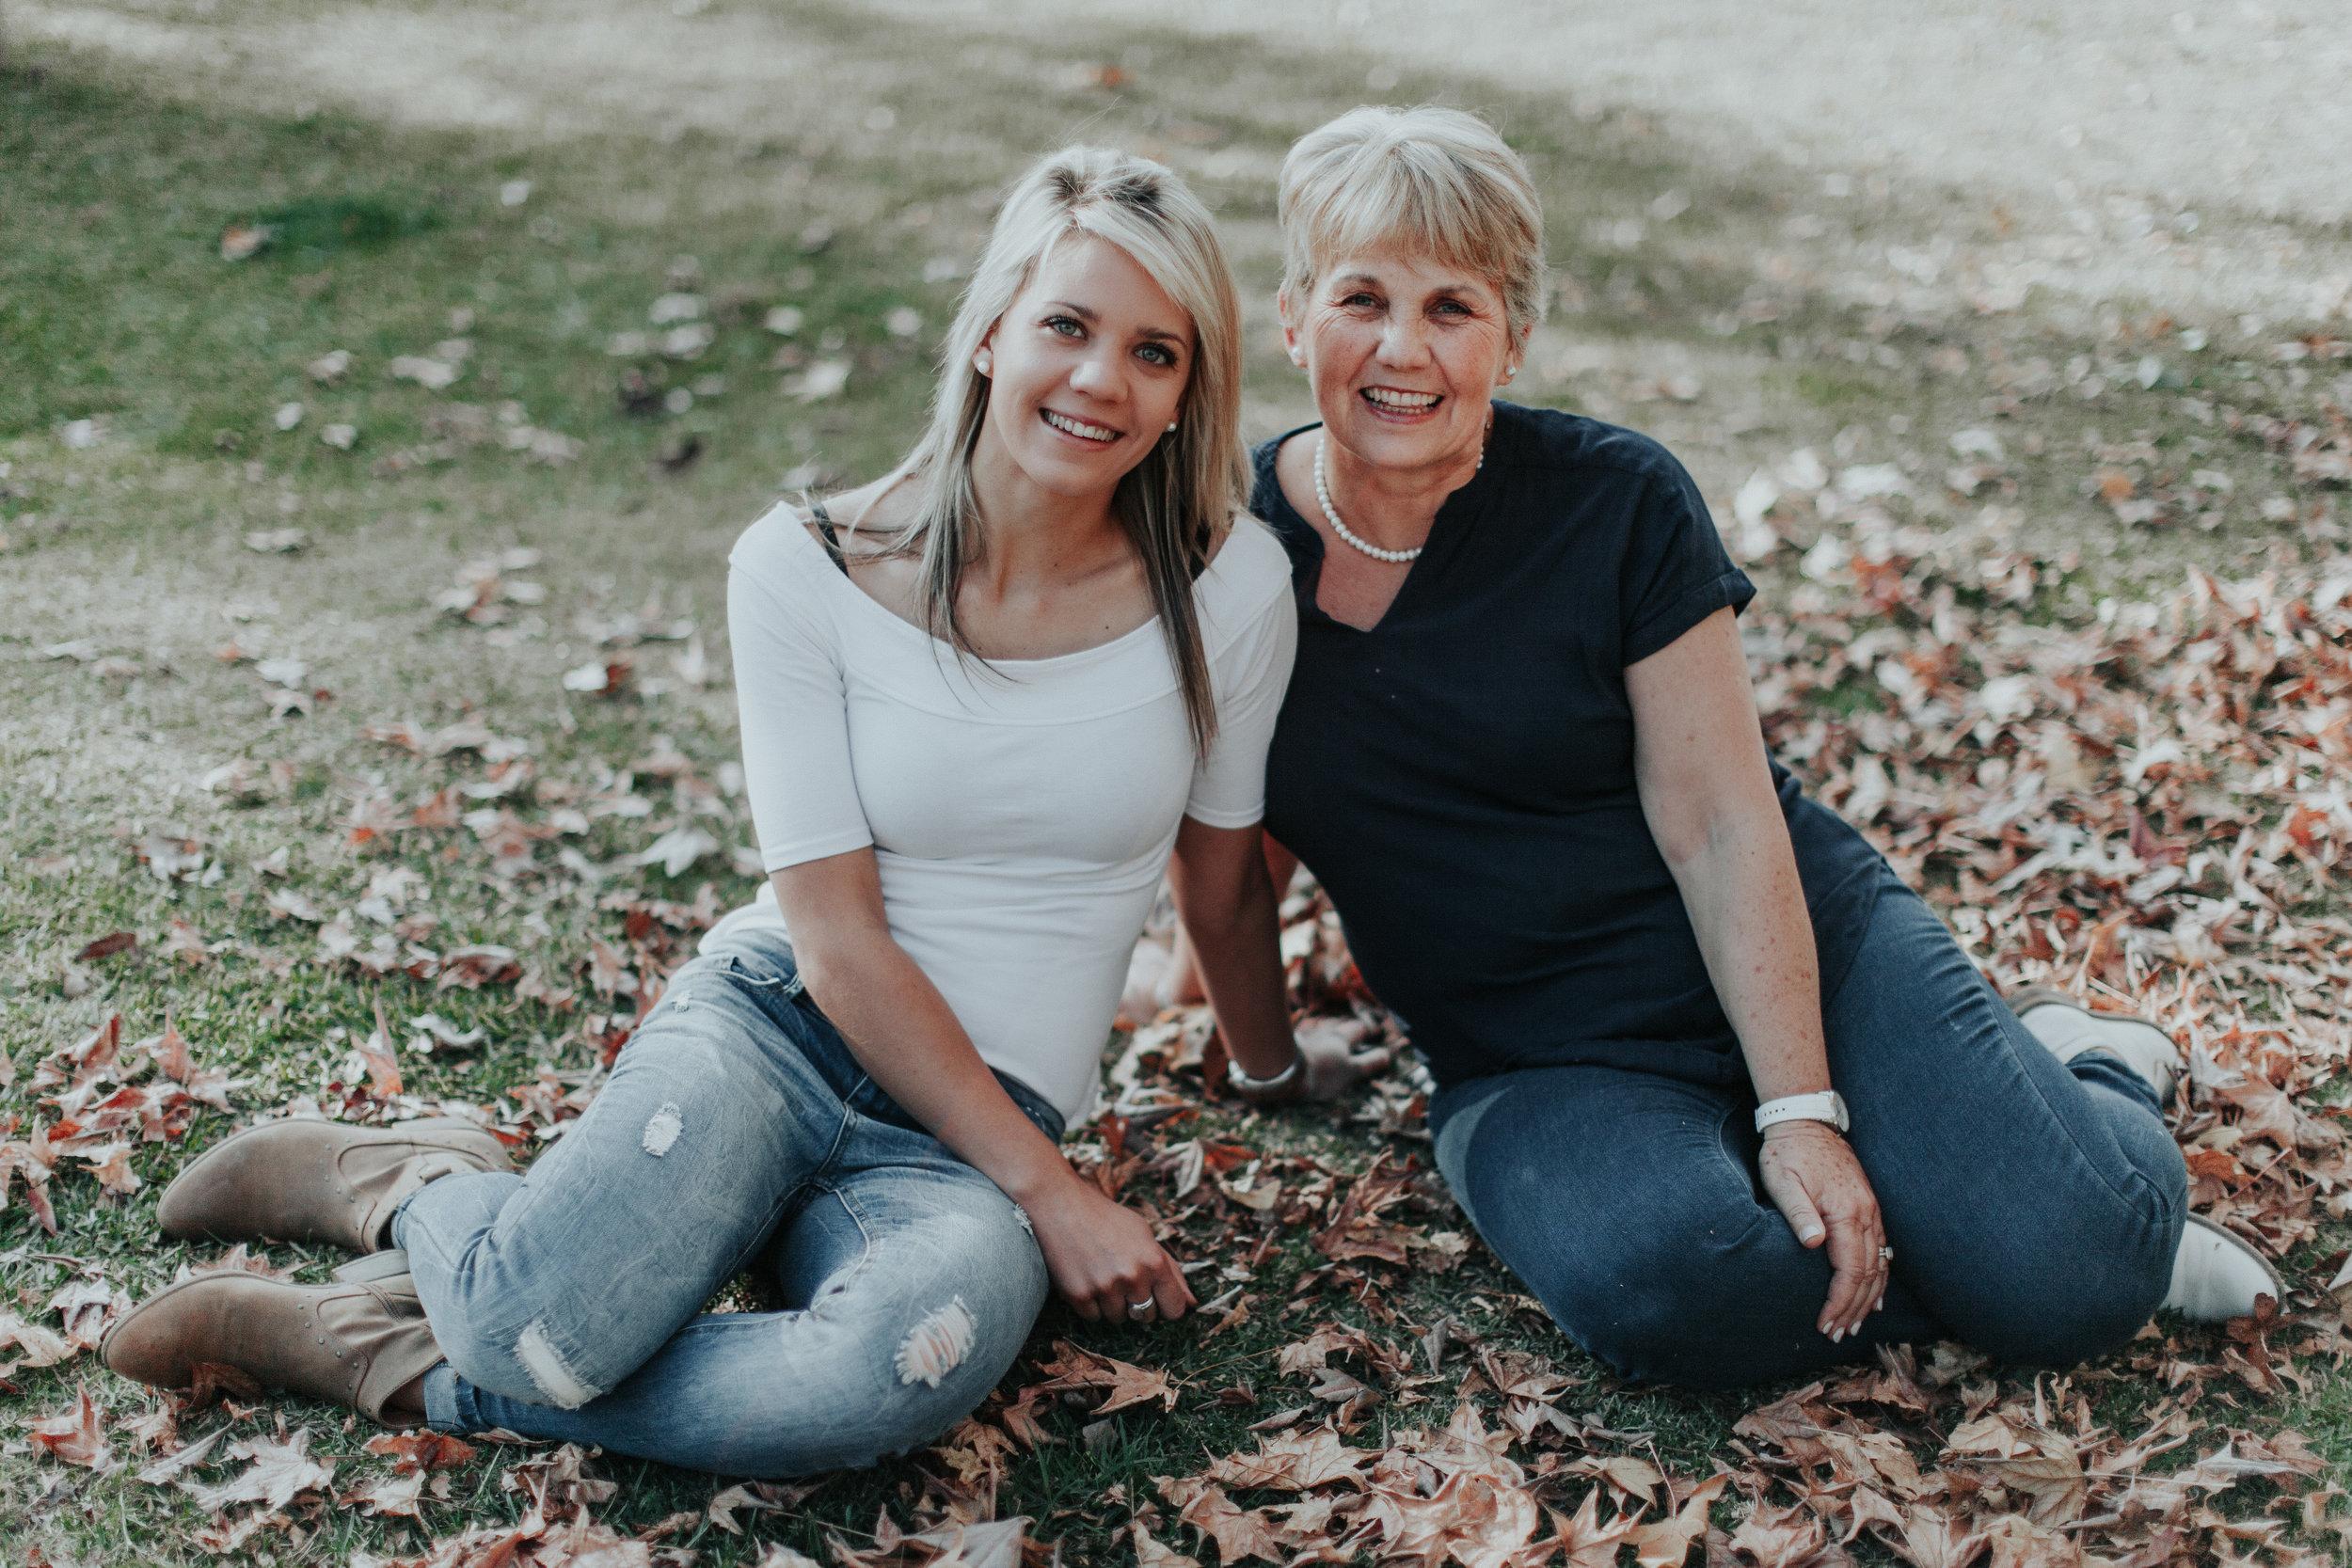 Kristi Smith Photography - Family Photo Shoot 5.jpg